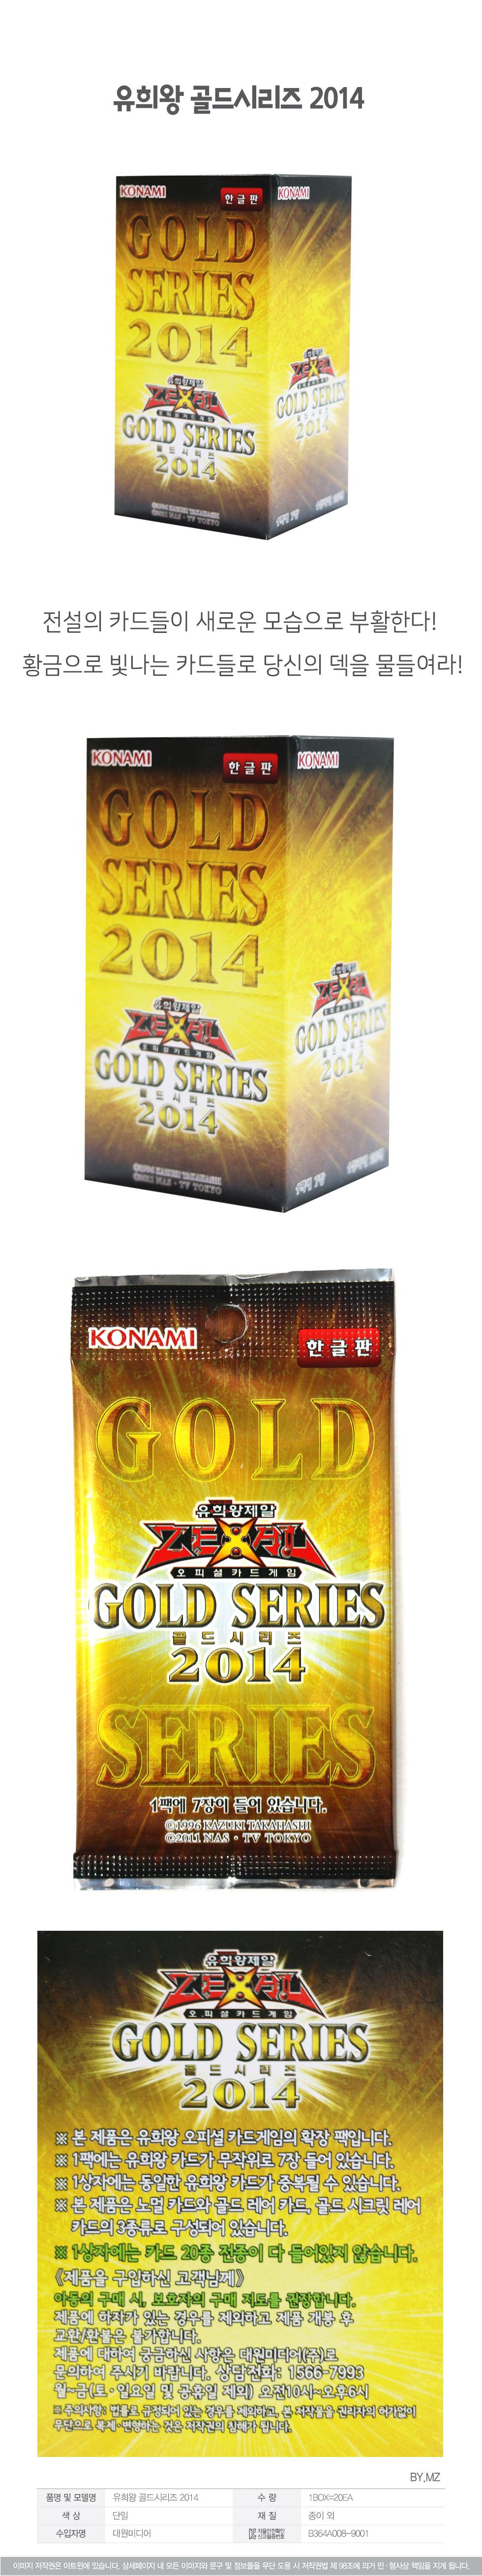 20000유희왕골드시리즈2014BOX - 아트윈, 19,900원, 보드게임, 카드 게임